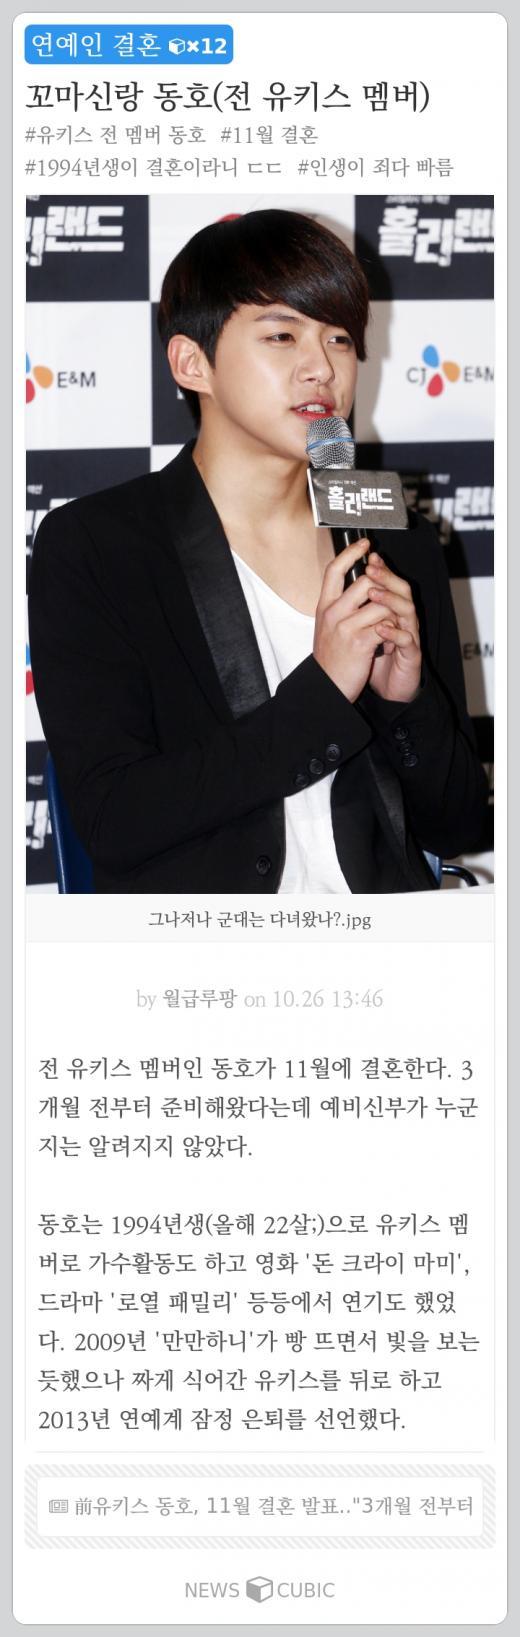 [한주의 뉴스큐빅] 계좌이동제·'원정도박' 삼성투수 3인·유키스 동호 결혼·'14개비 담배' 논란